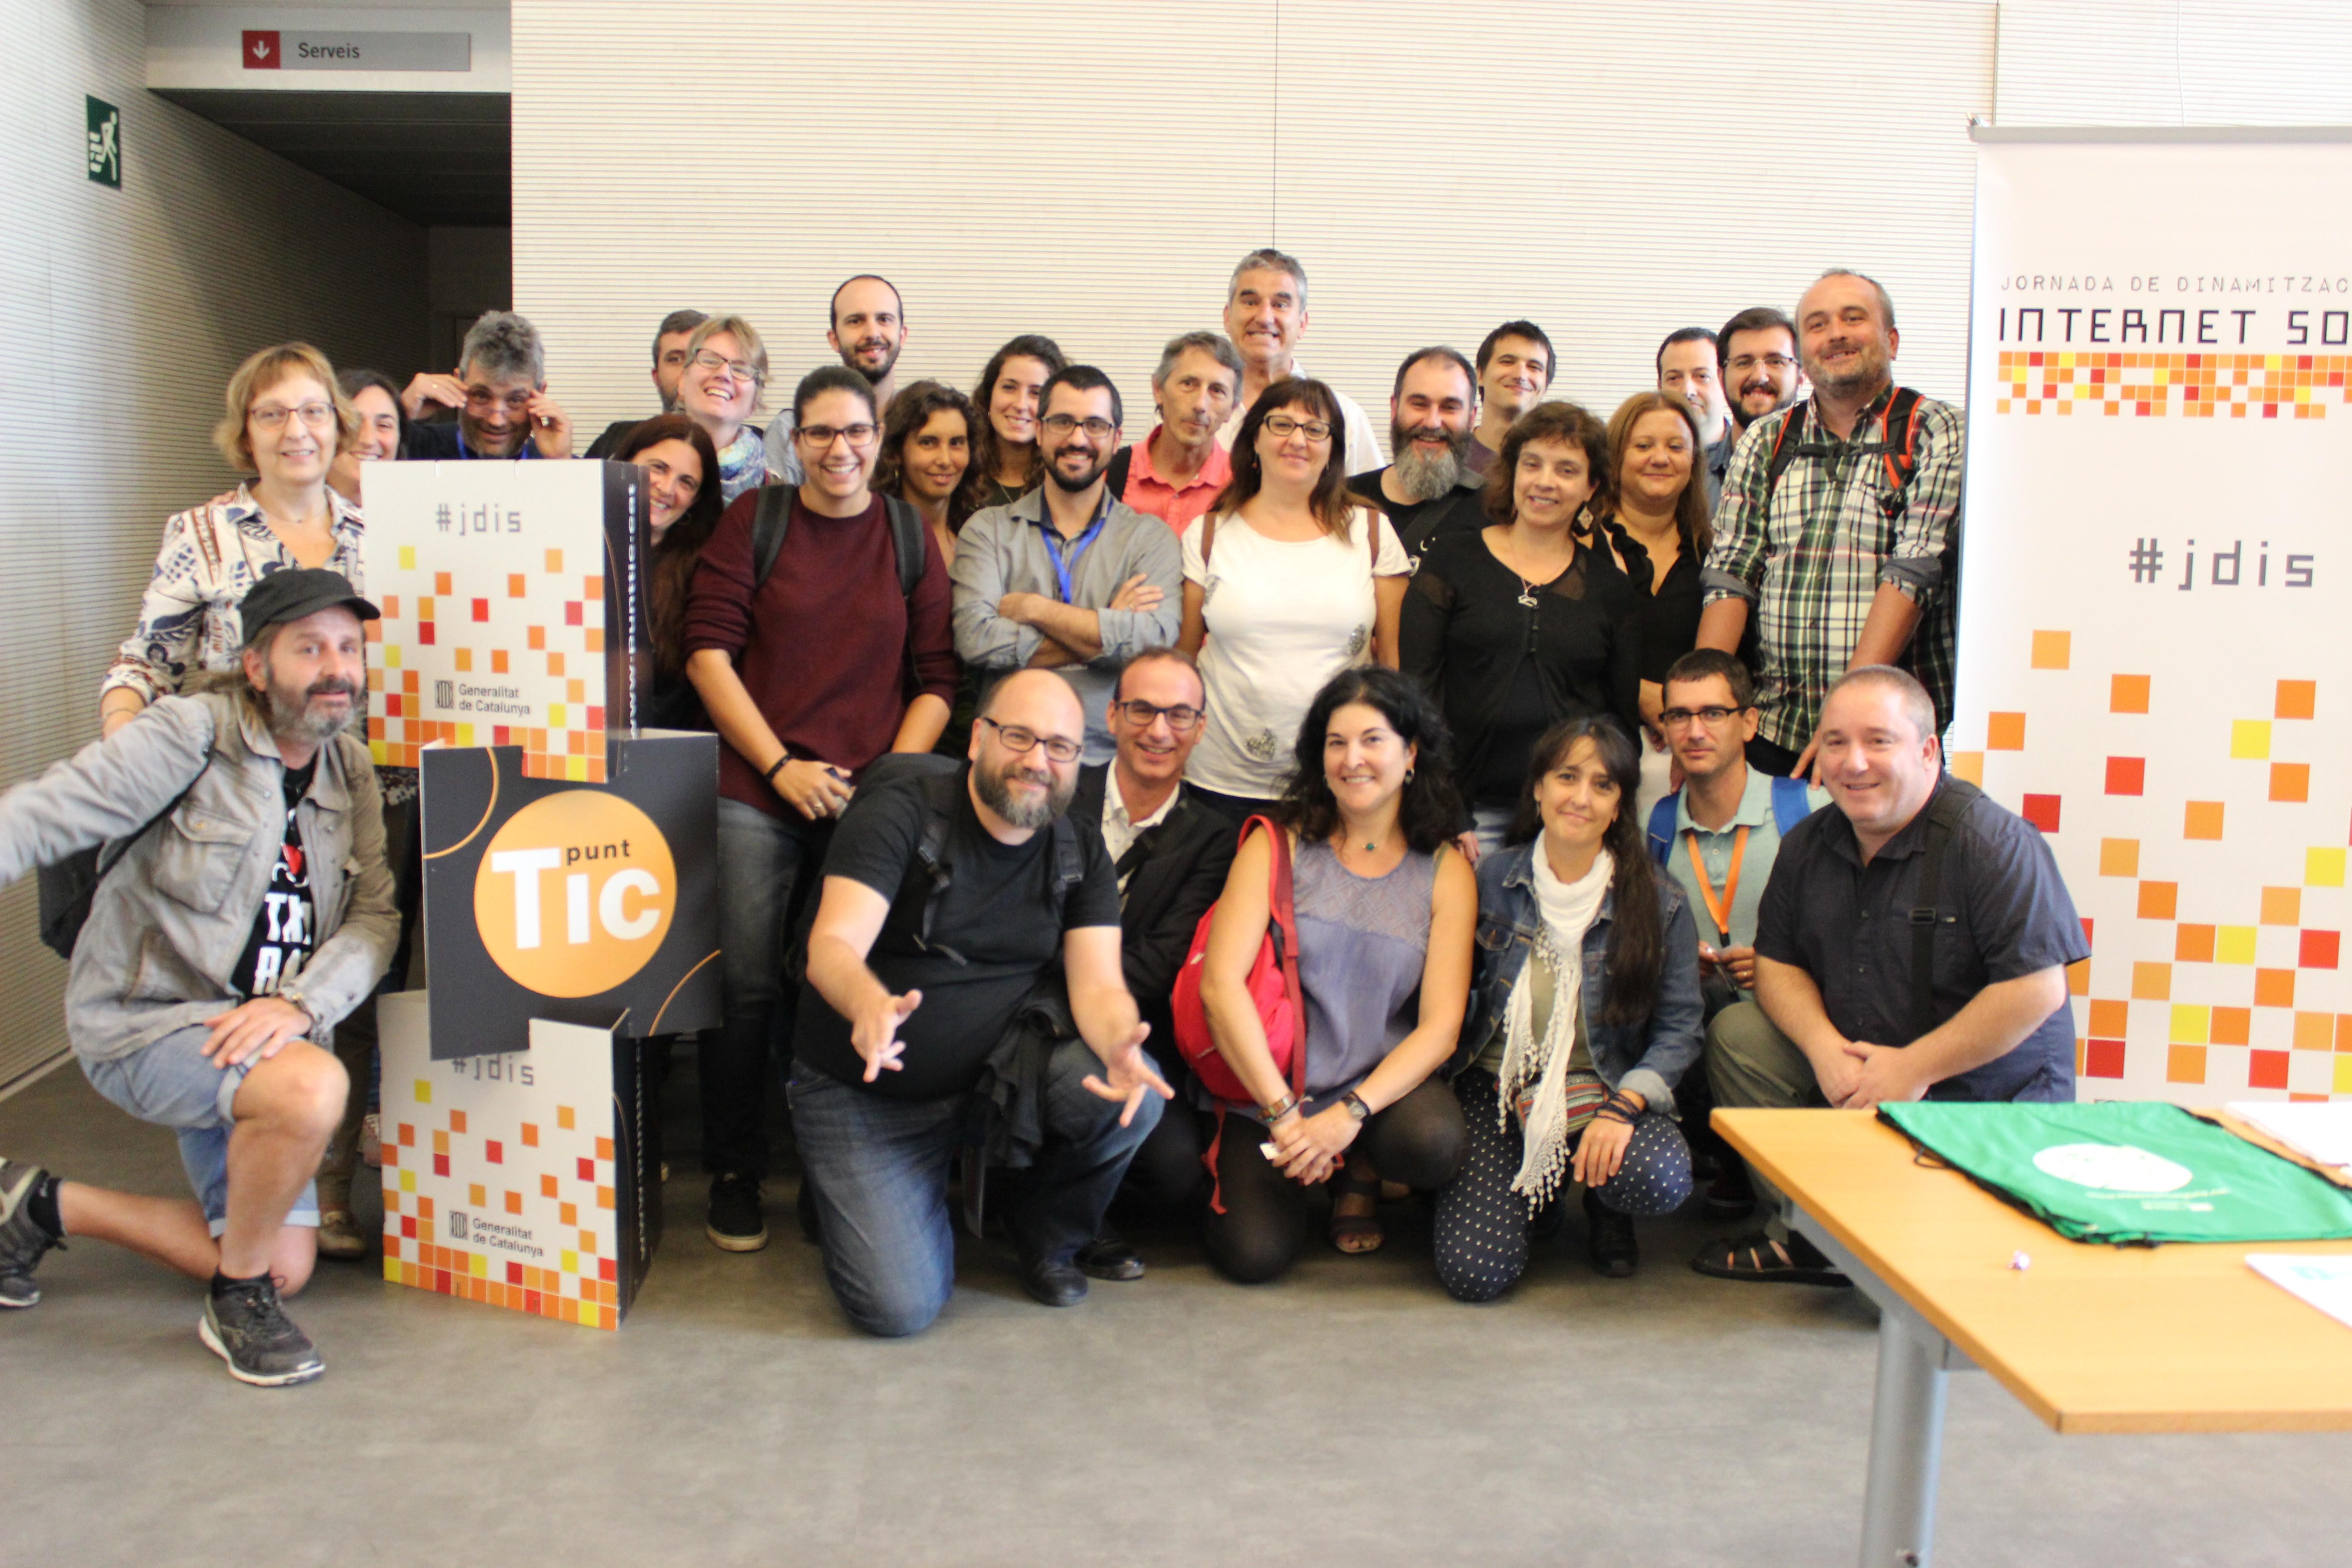 Grupo de los tomadores de decisión/oms en el Día de la revitalización de la Sociales de Internet en 2017